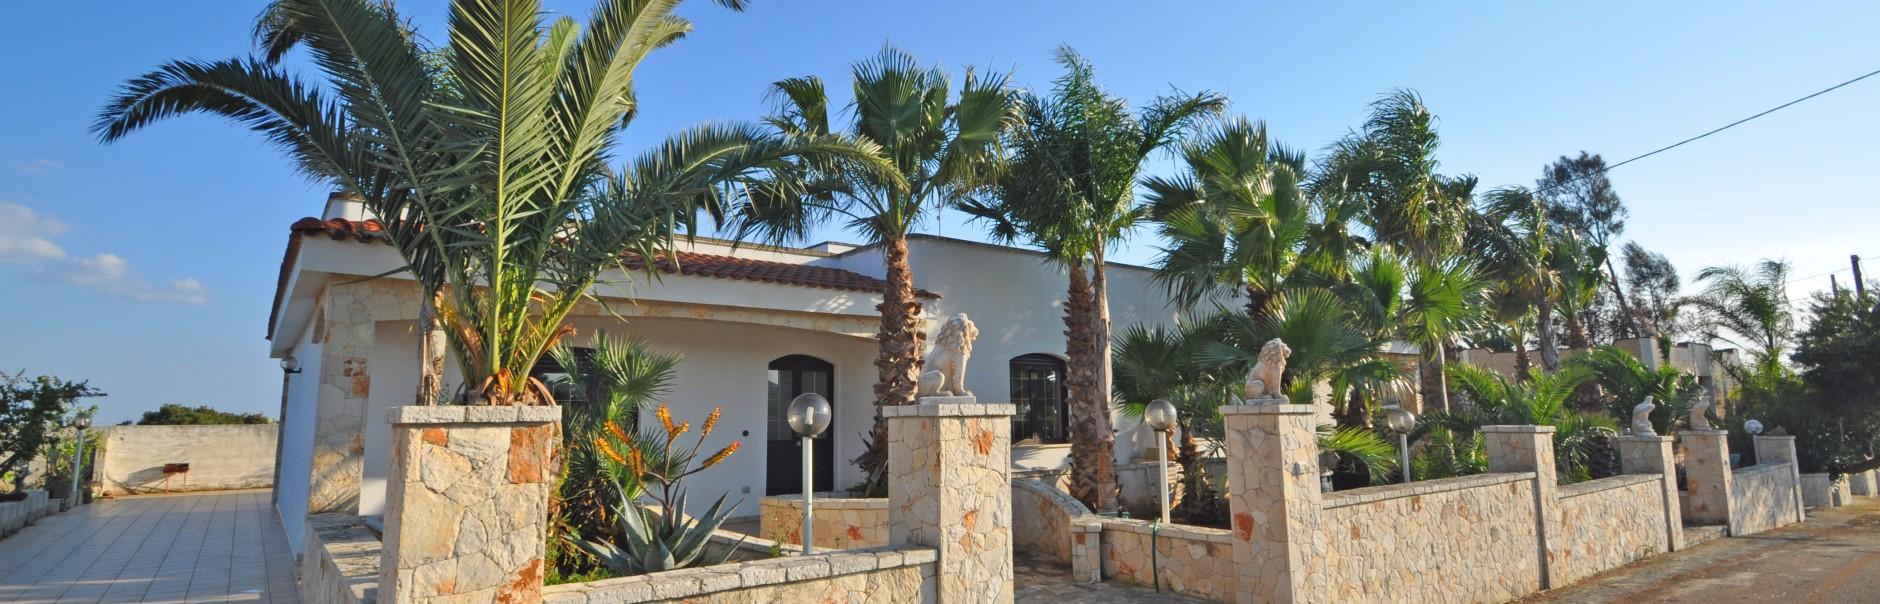 Villa Magnolia 1 - Torre Suda